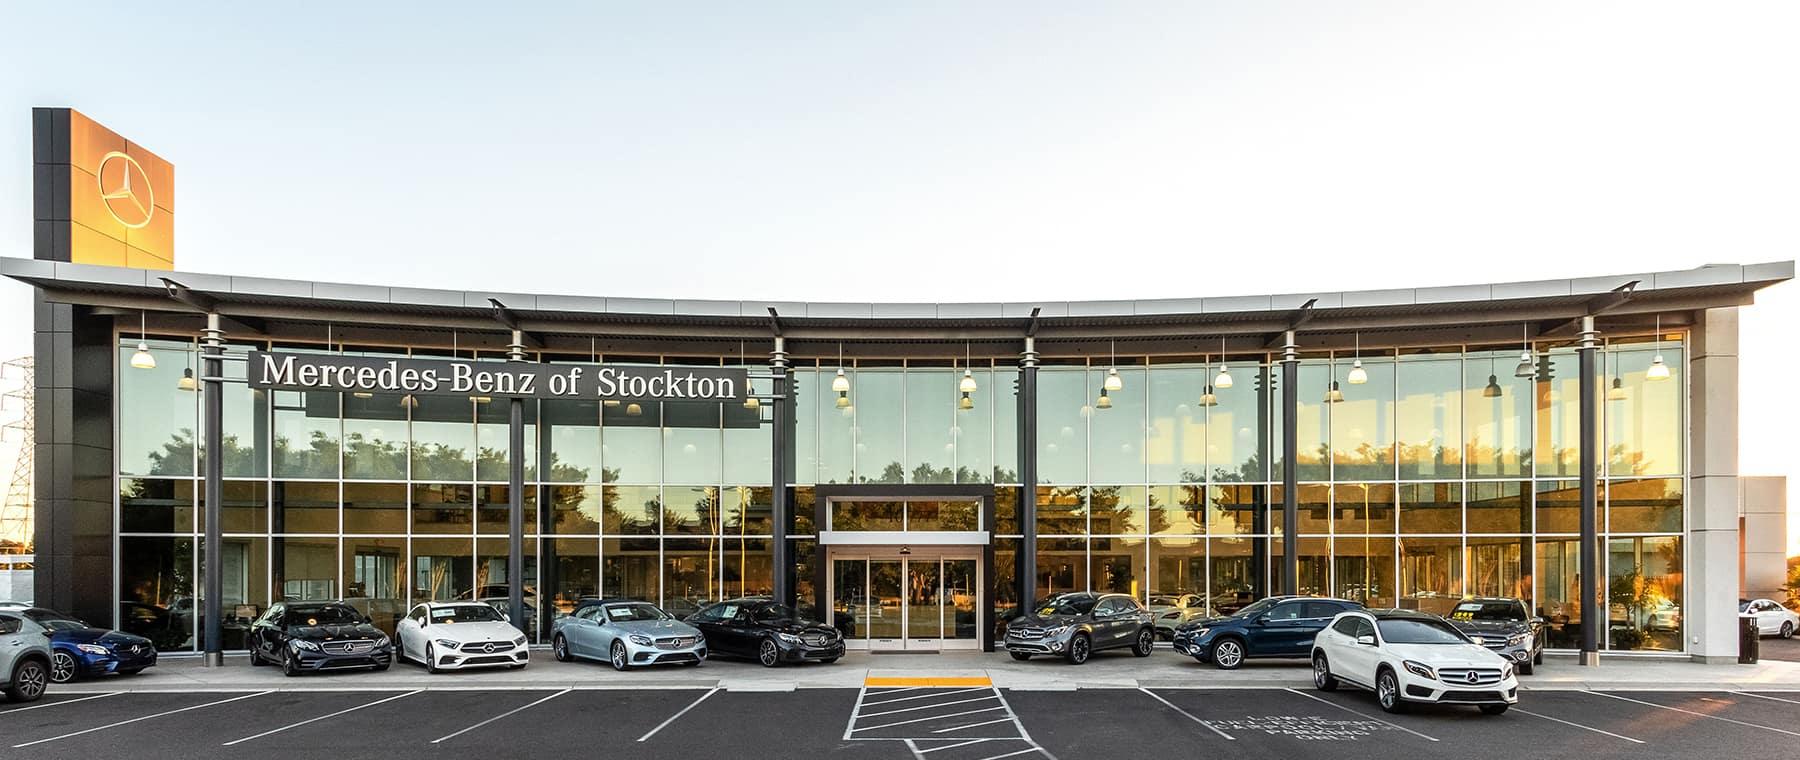 Mercedes Benz Dealers >> Mercedes Benz Of Stockton Mercedes Benz Dealer In Stockton